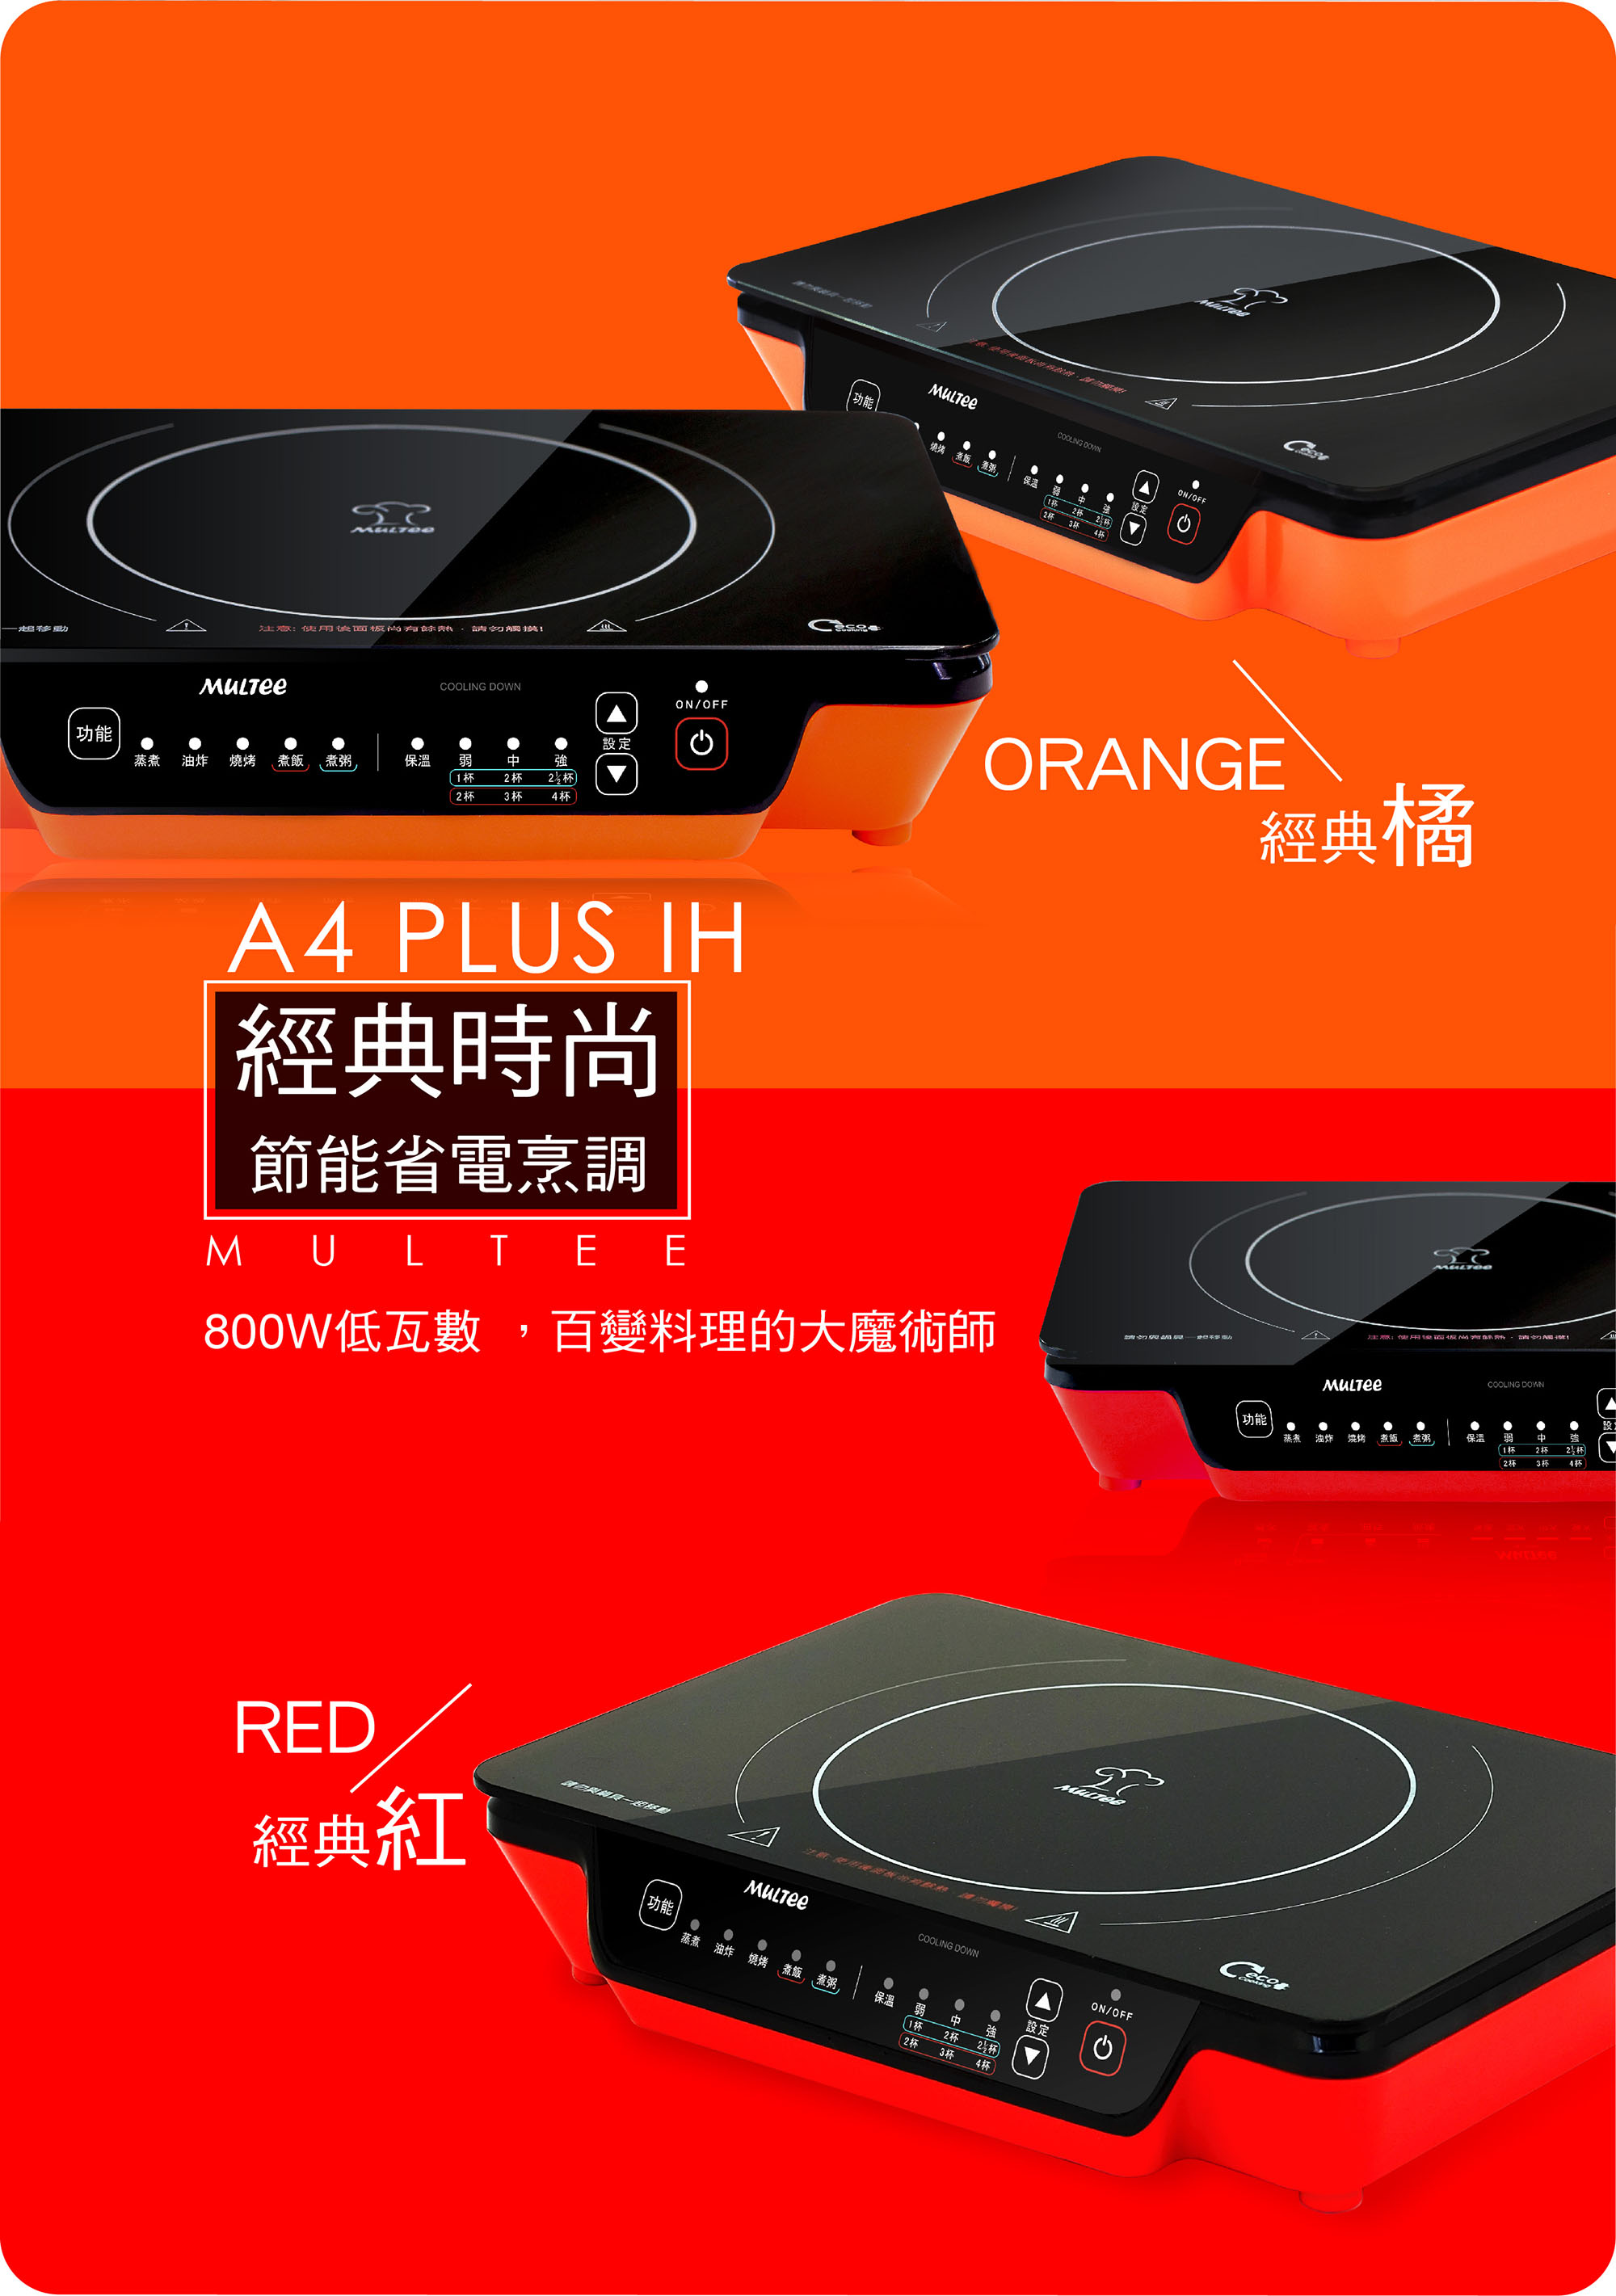 A4 PLUS 800-2.jpg